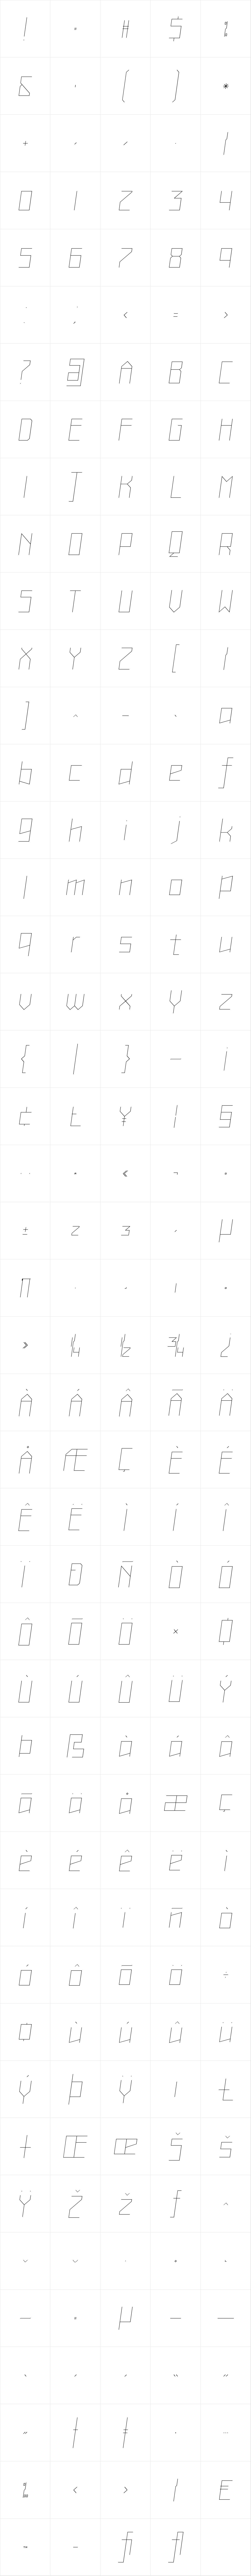 Muzarela Semi expanded Thin Italic